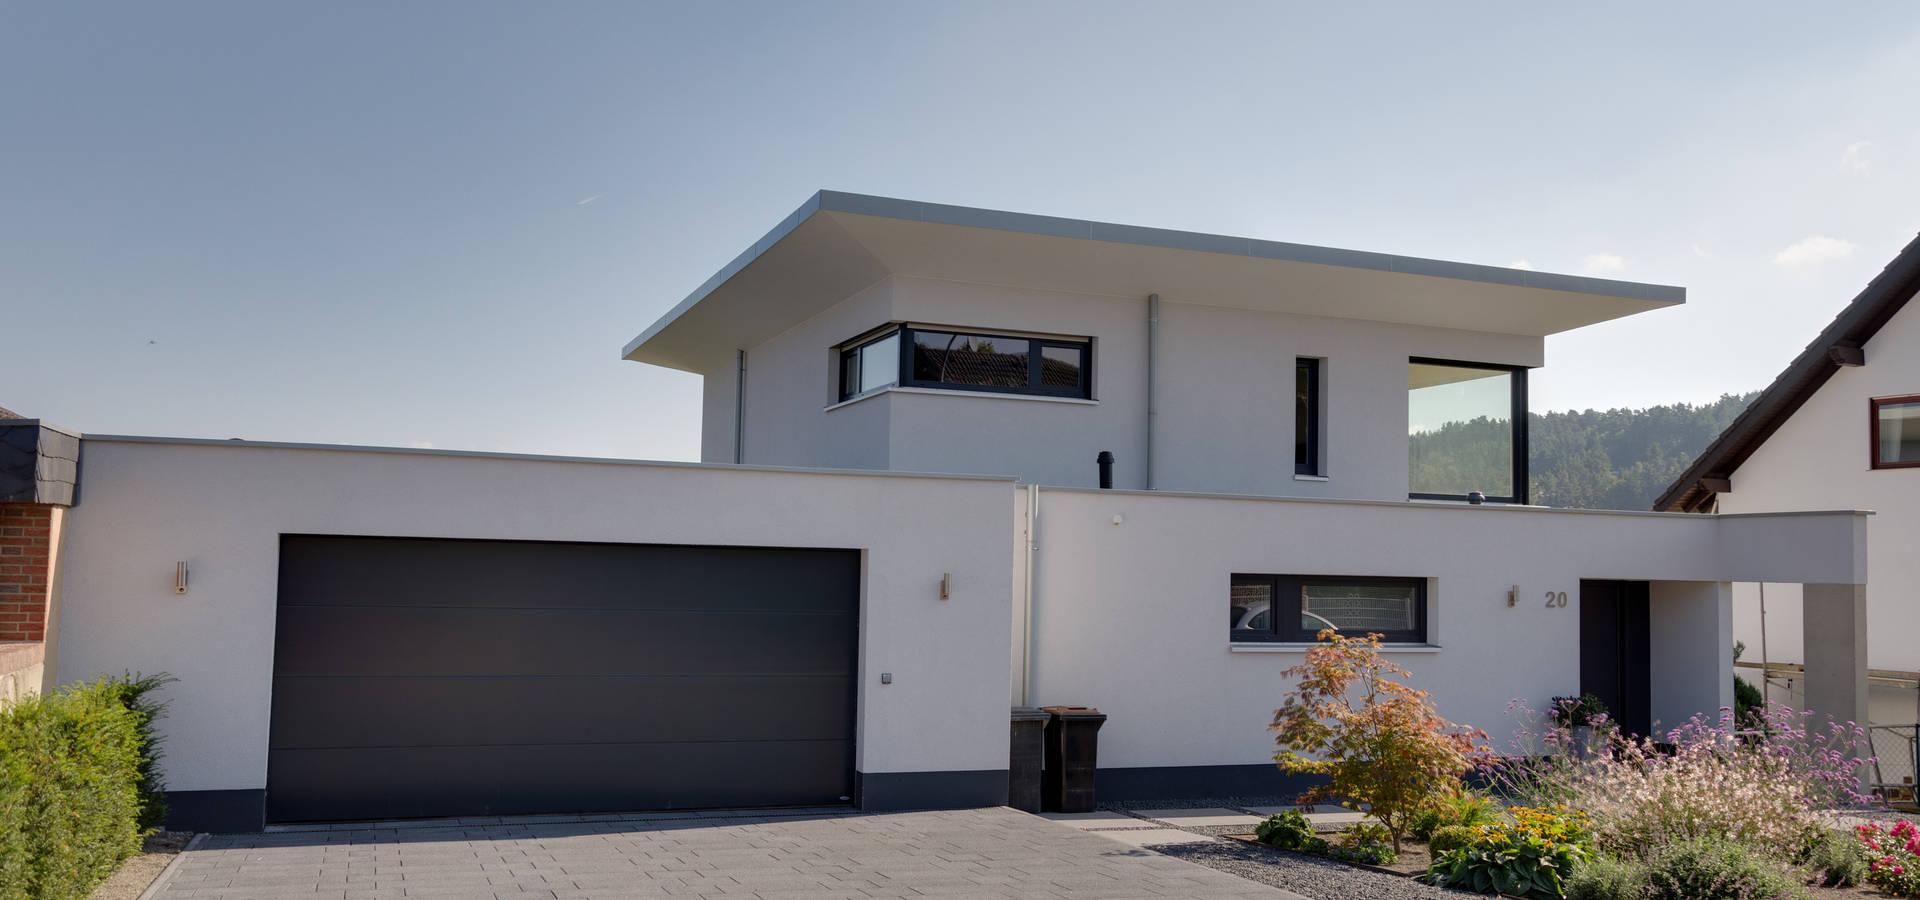 Neubau Eines Einfamilienhauses Im Bauhausstil In K 246 Ln Door